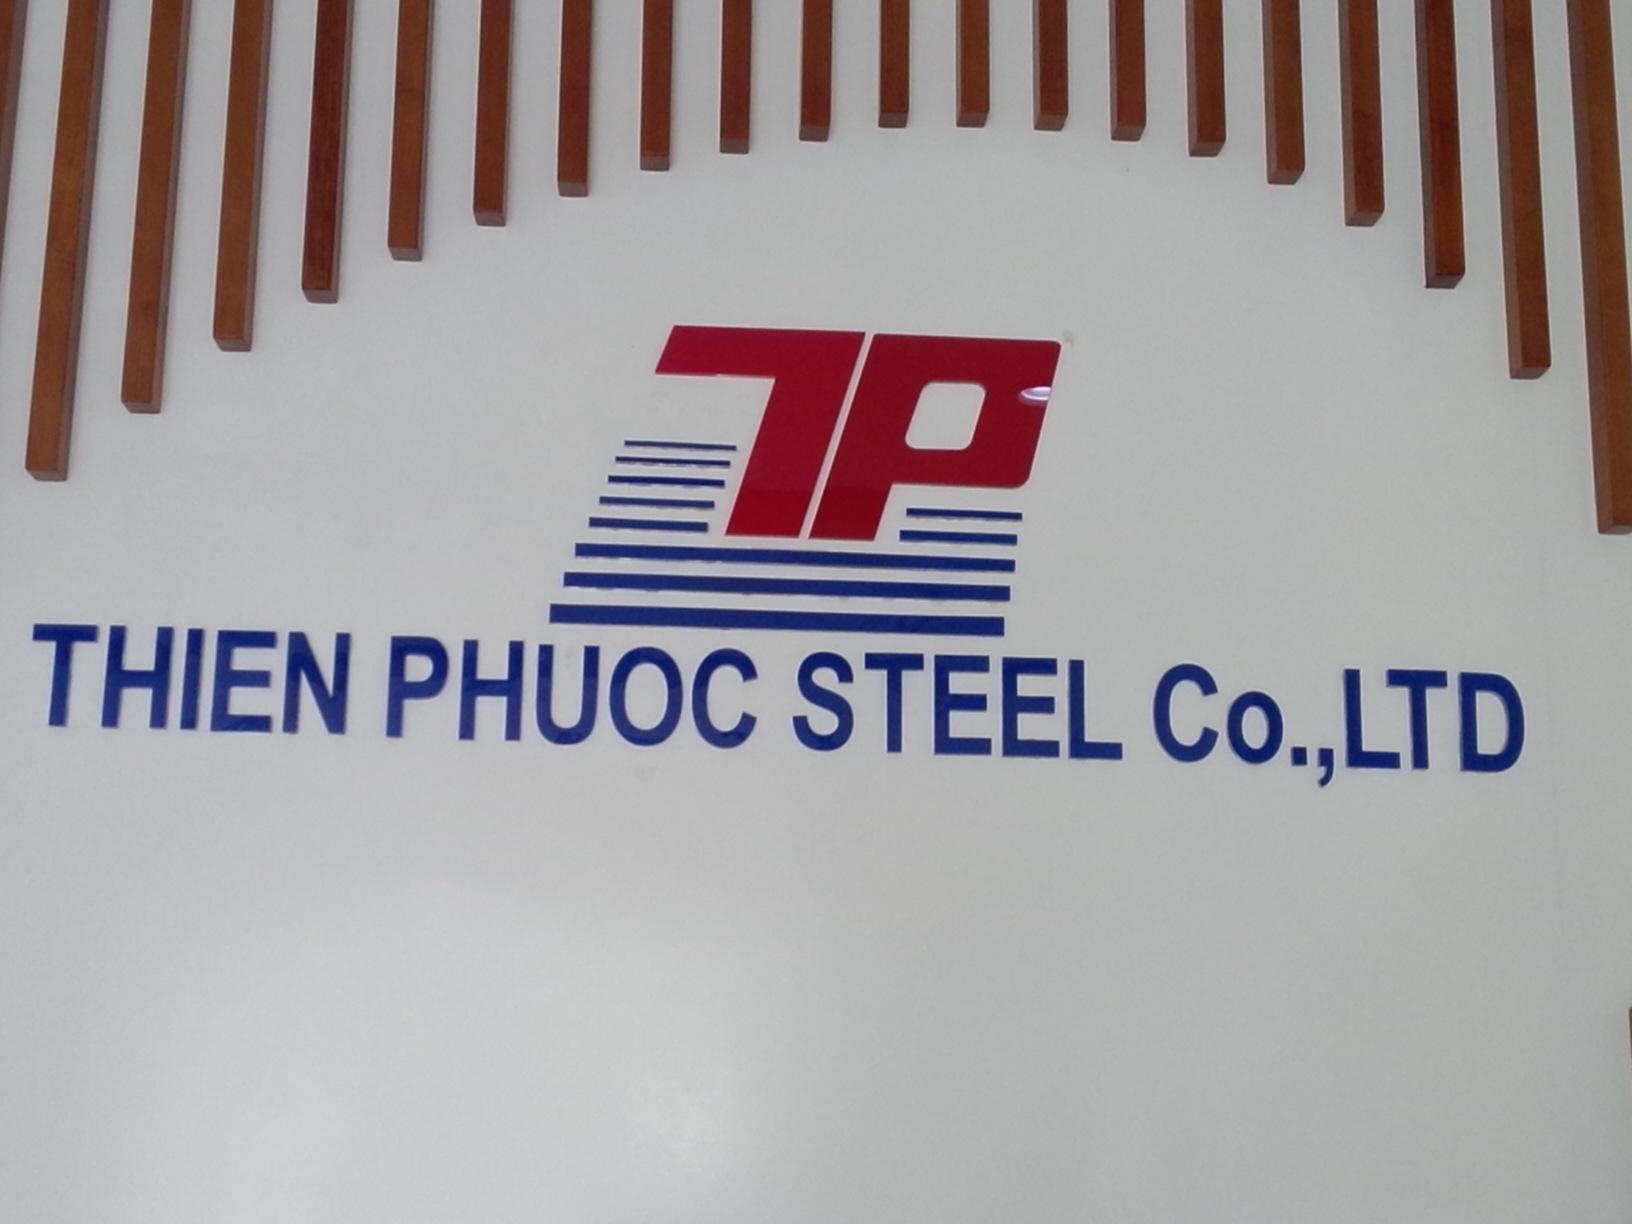 Cong ty TNHH thép Thien Phuóc